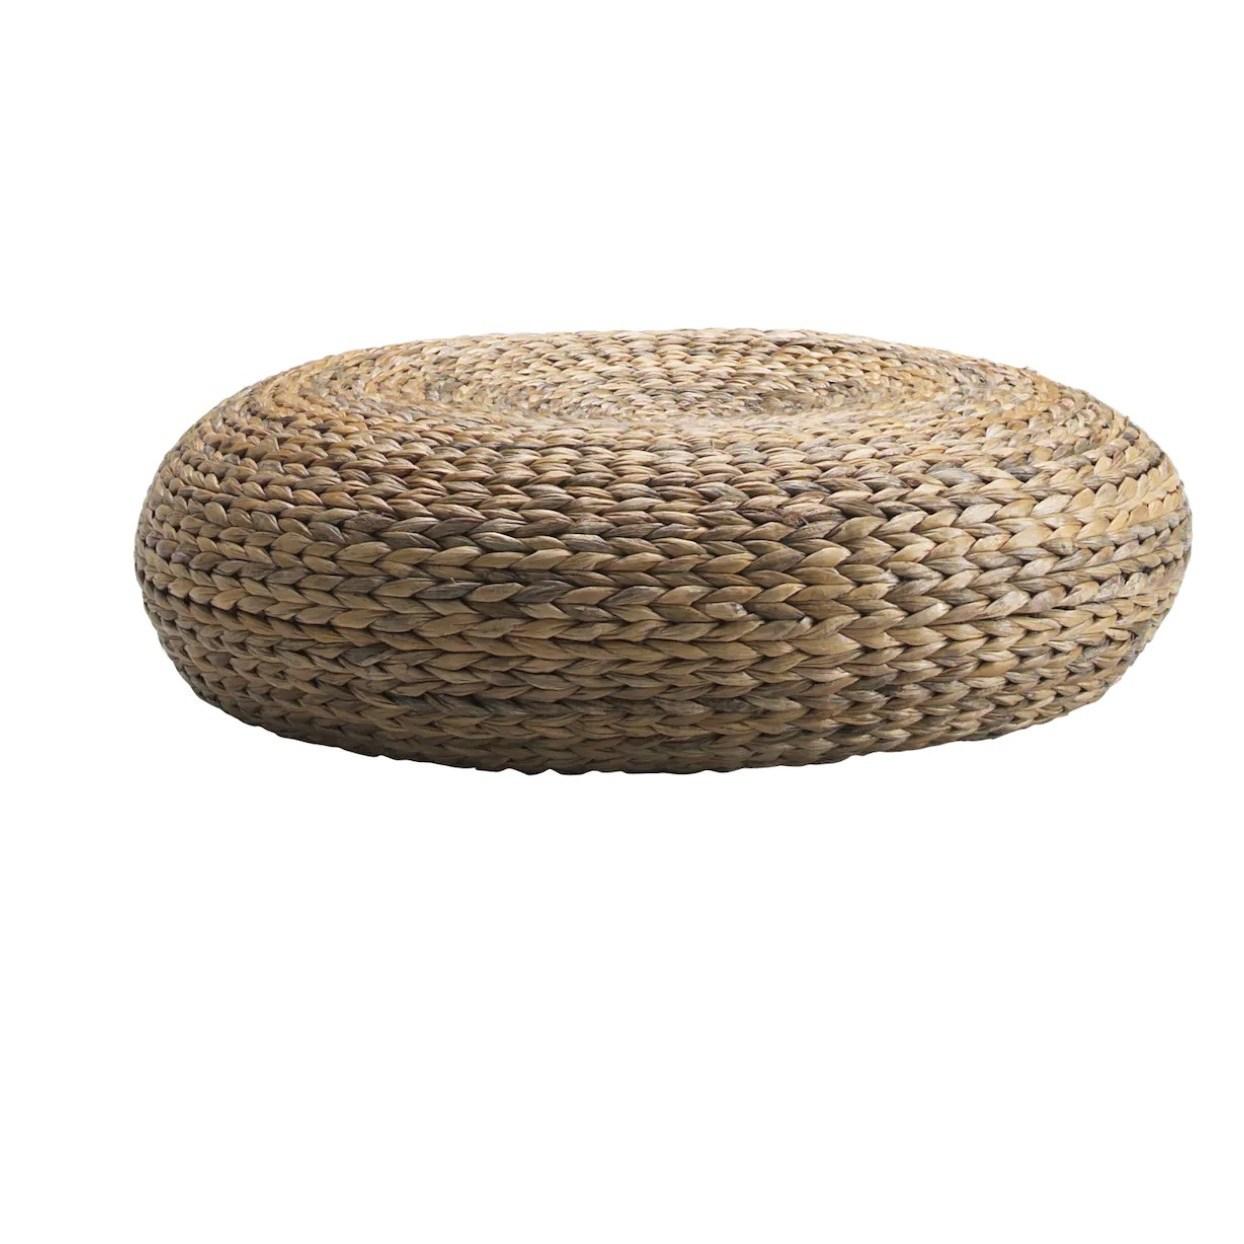 이케아 스툴 알세다 (바나나섬유), 바나나섬유